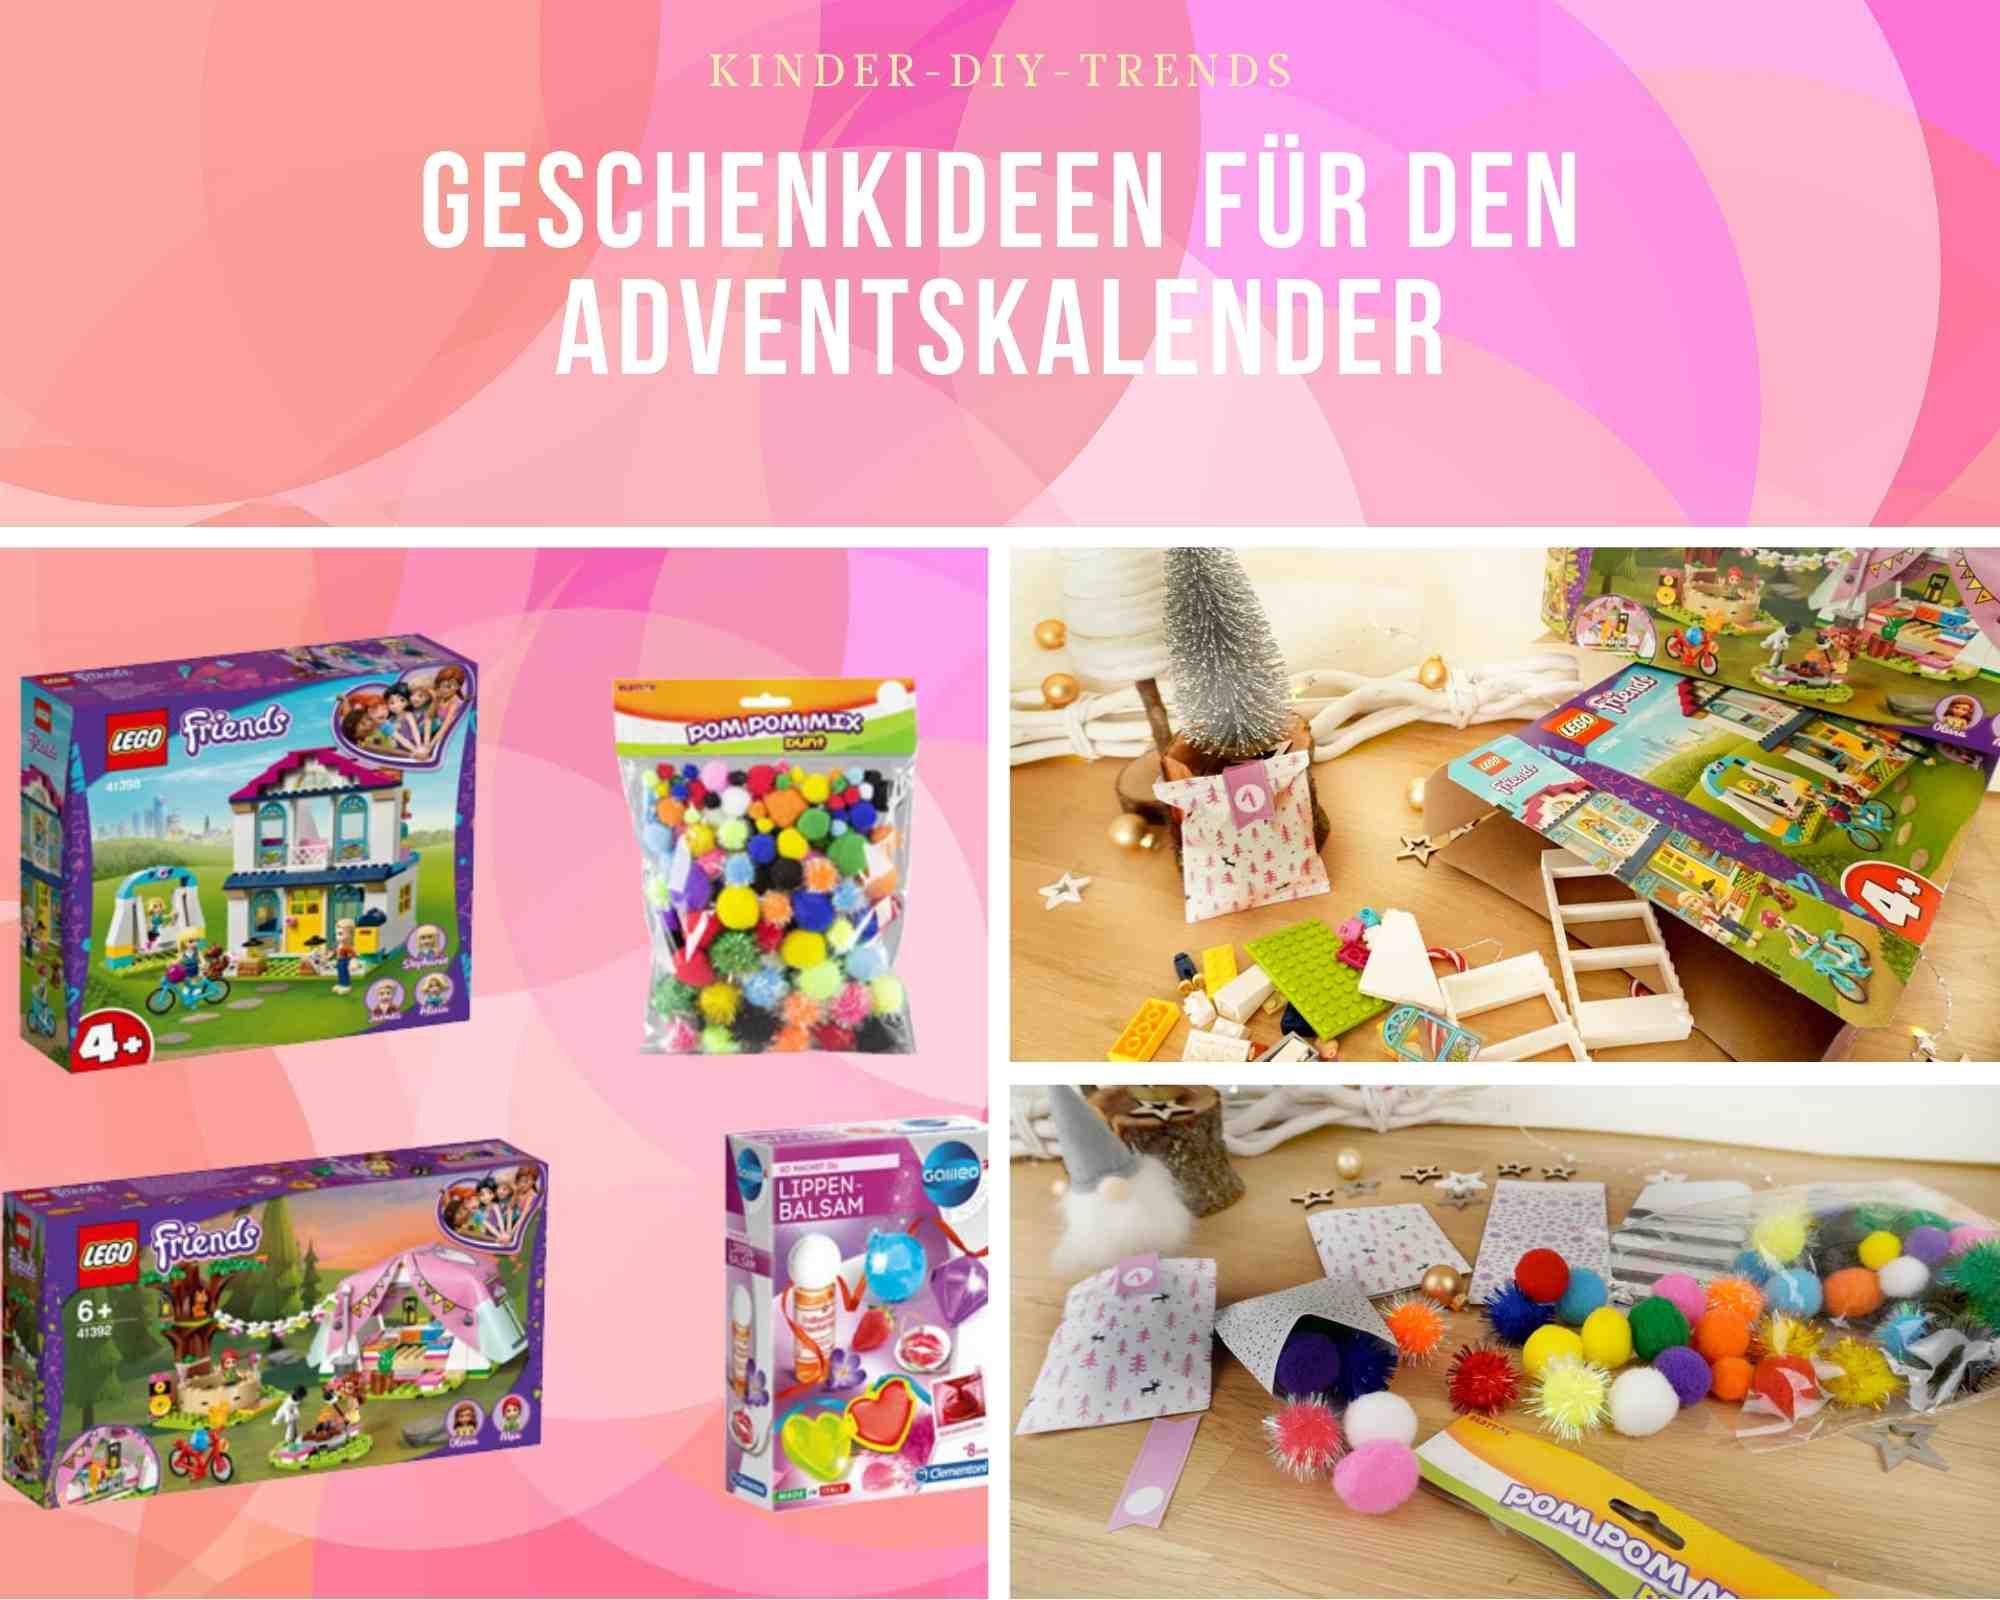 Adventskalender selber basteln - Vorlage & Geschenkideen . Adventskalender selber machen.